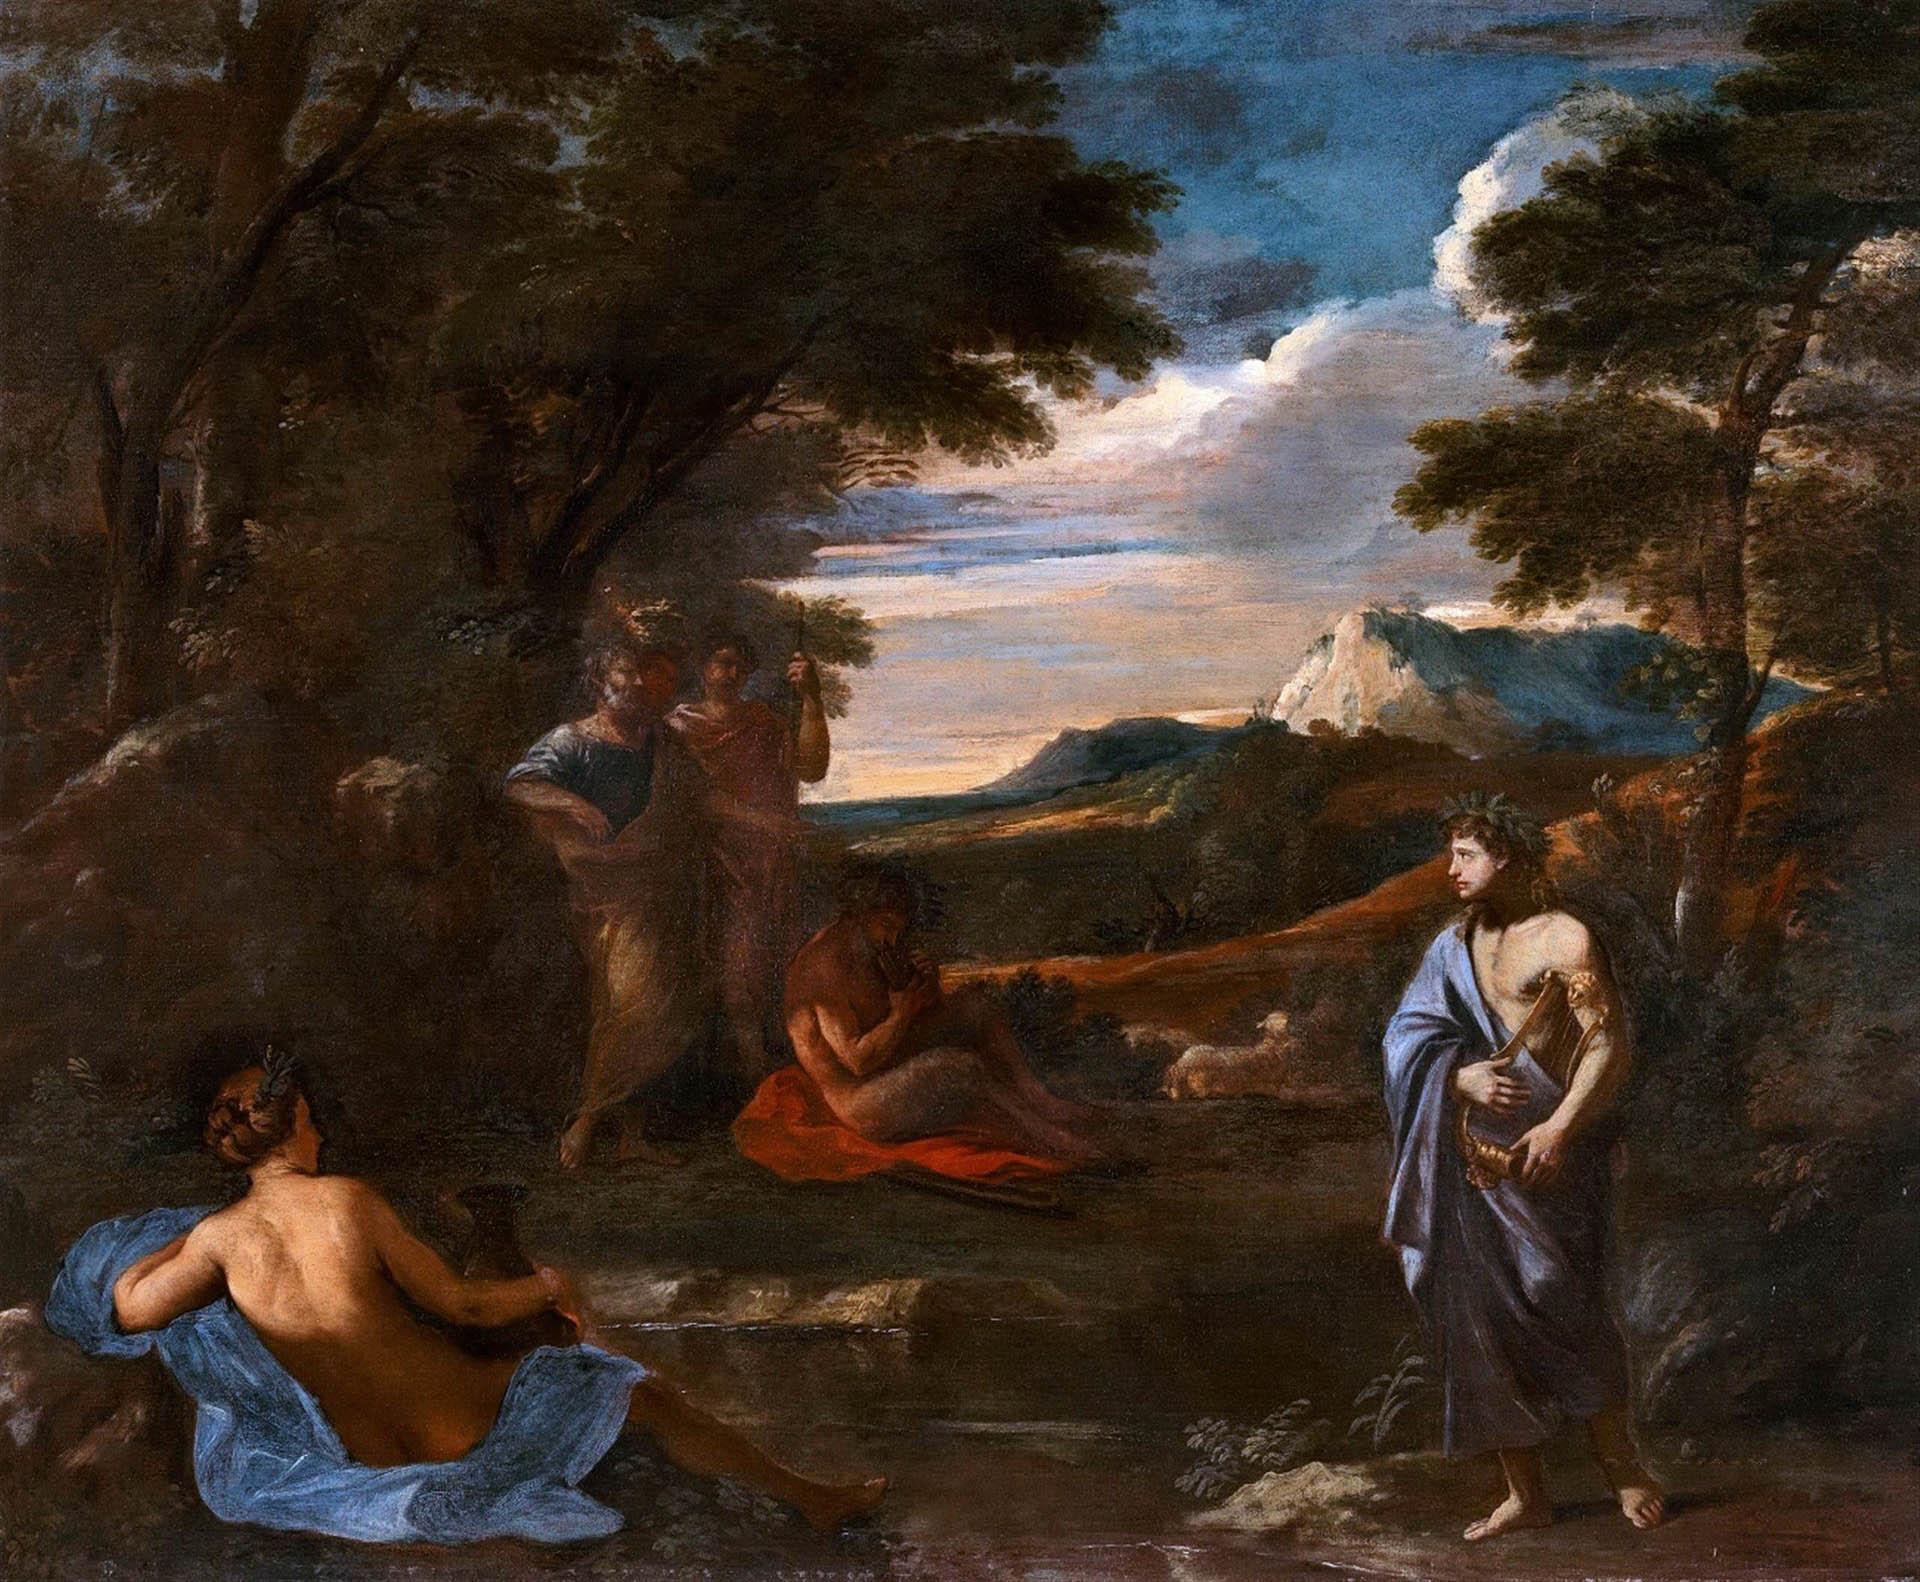 Никола Пуссен (Nicolas Poussin), Пейзаж с Аполлоном и Марсием